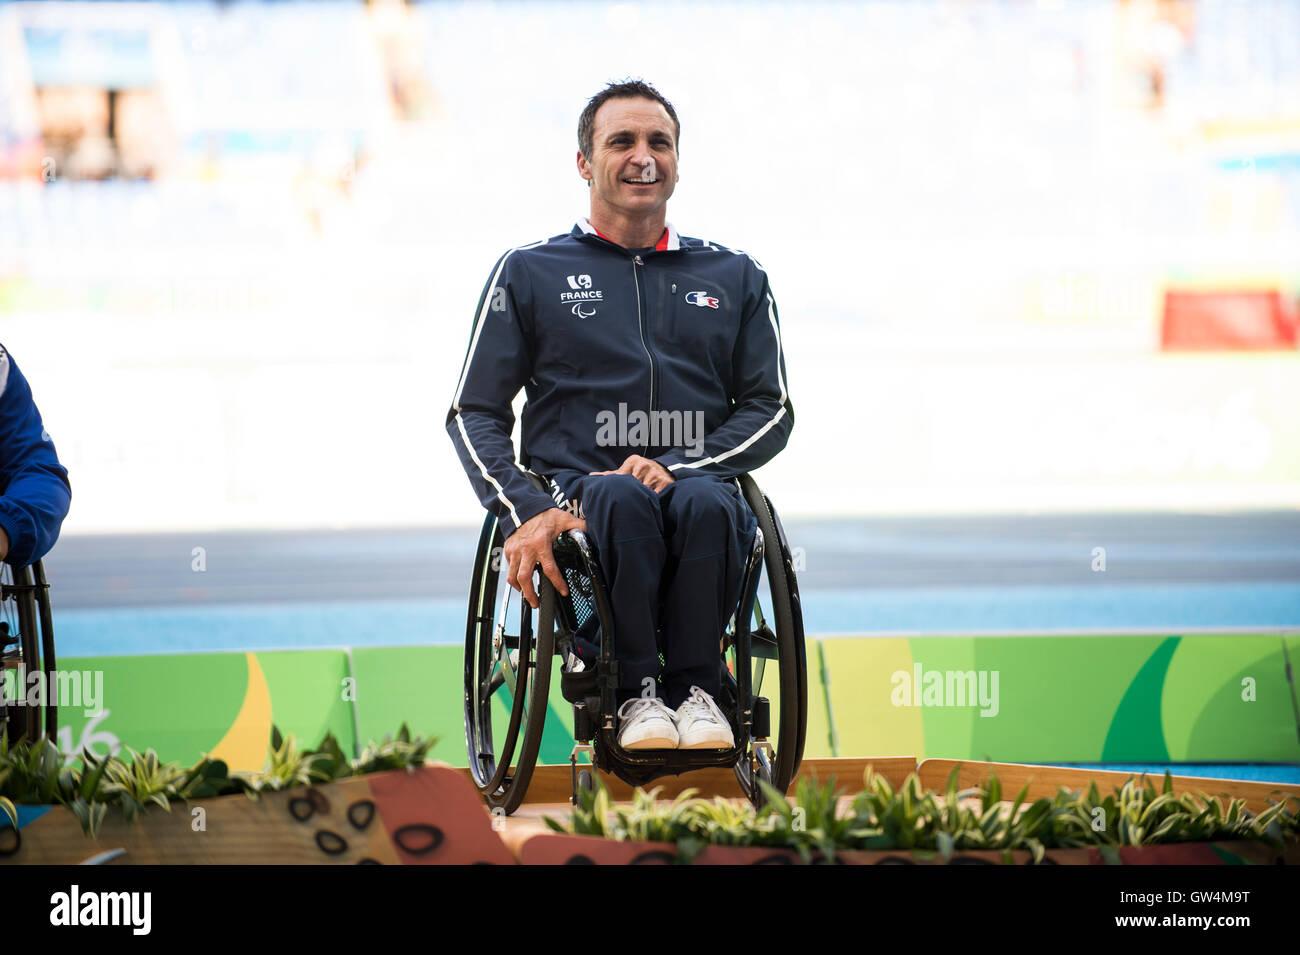 RIO DE JANEIRO, RJ - 11.09.2016: PARALIMPÍADA 2016 Athlétisme - Pierre Fairbank (FRA) Médaille de bronze au 400m hommes&#39;s shal- w - T53 au cours de l'Paralimpíada 2016 tenue d'athlétisme au Stade Olympique Engenhão (). (Photo:so Pupo/FotoFotoarena) Banque D'Images